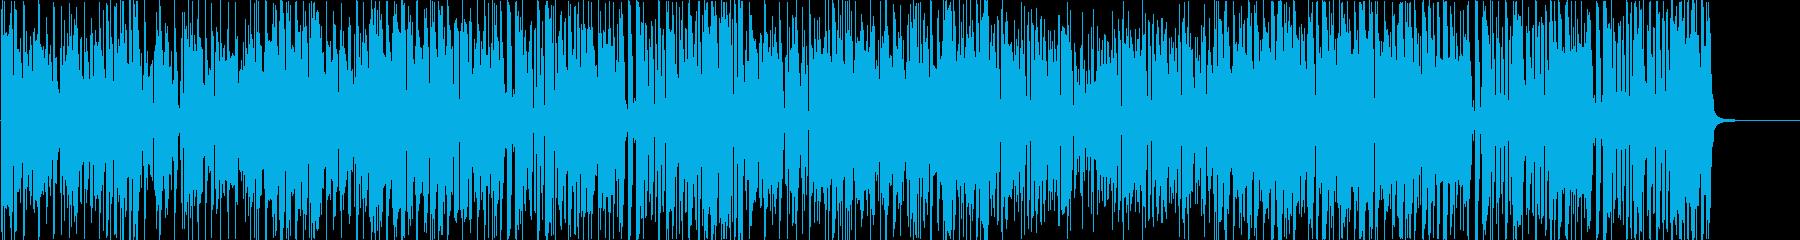 ブラス主体のファンキーなブルースの再生済みの波形